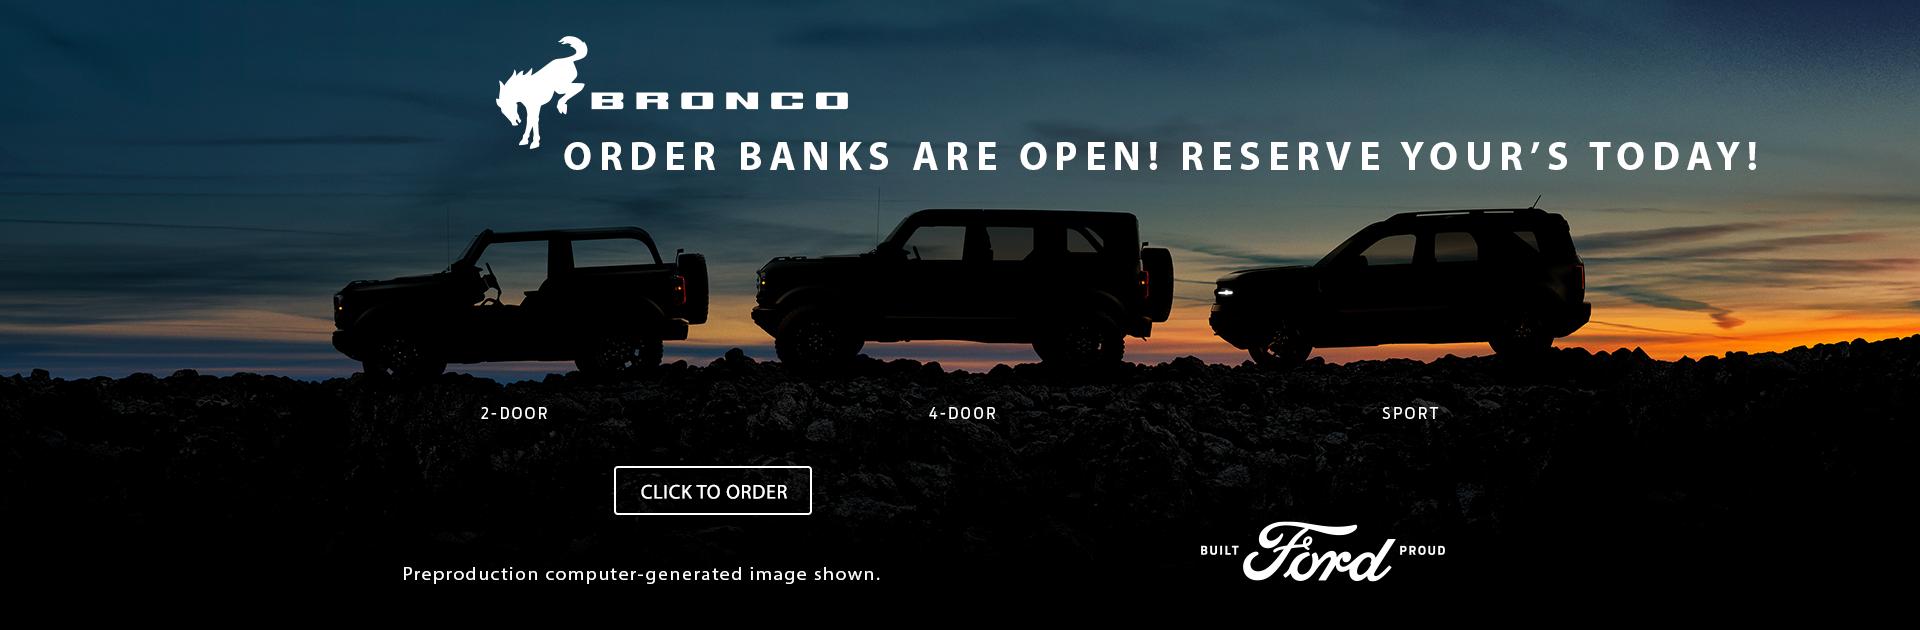 Bronco Order Now Slider 2